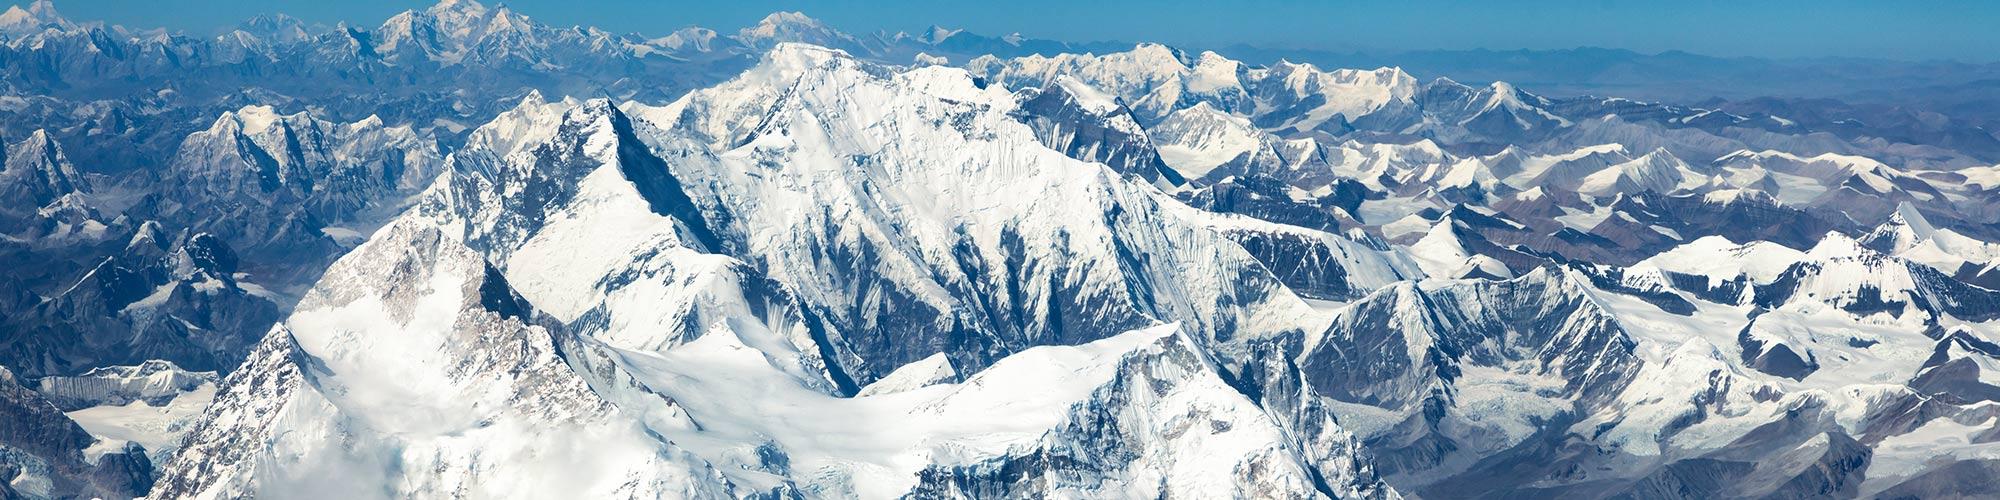 Reinos y santuarios del Himalaya: Nepal, Bután y Tibet   - EL PAIS Viajes